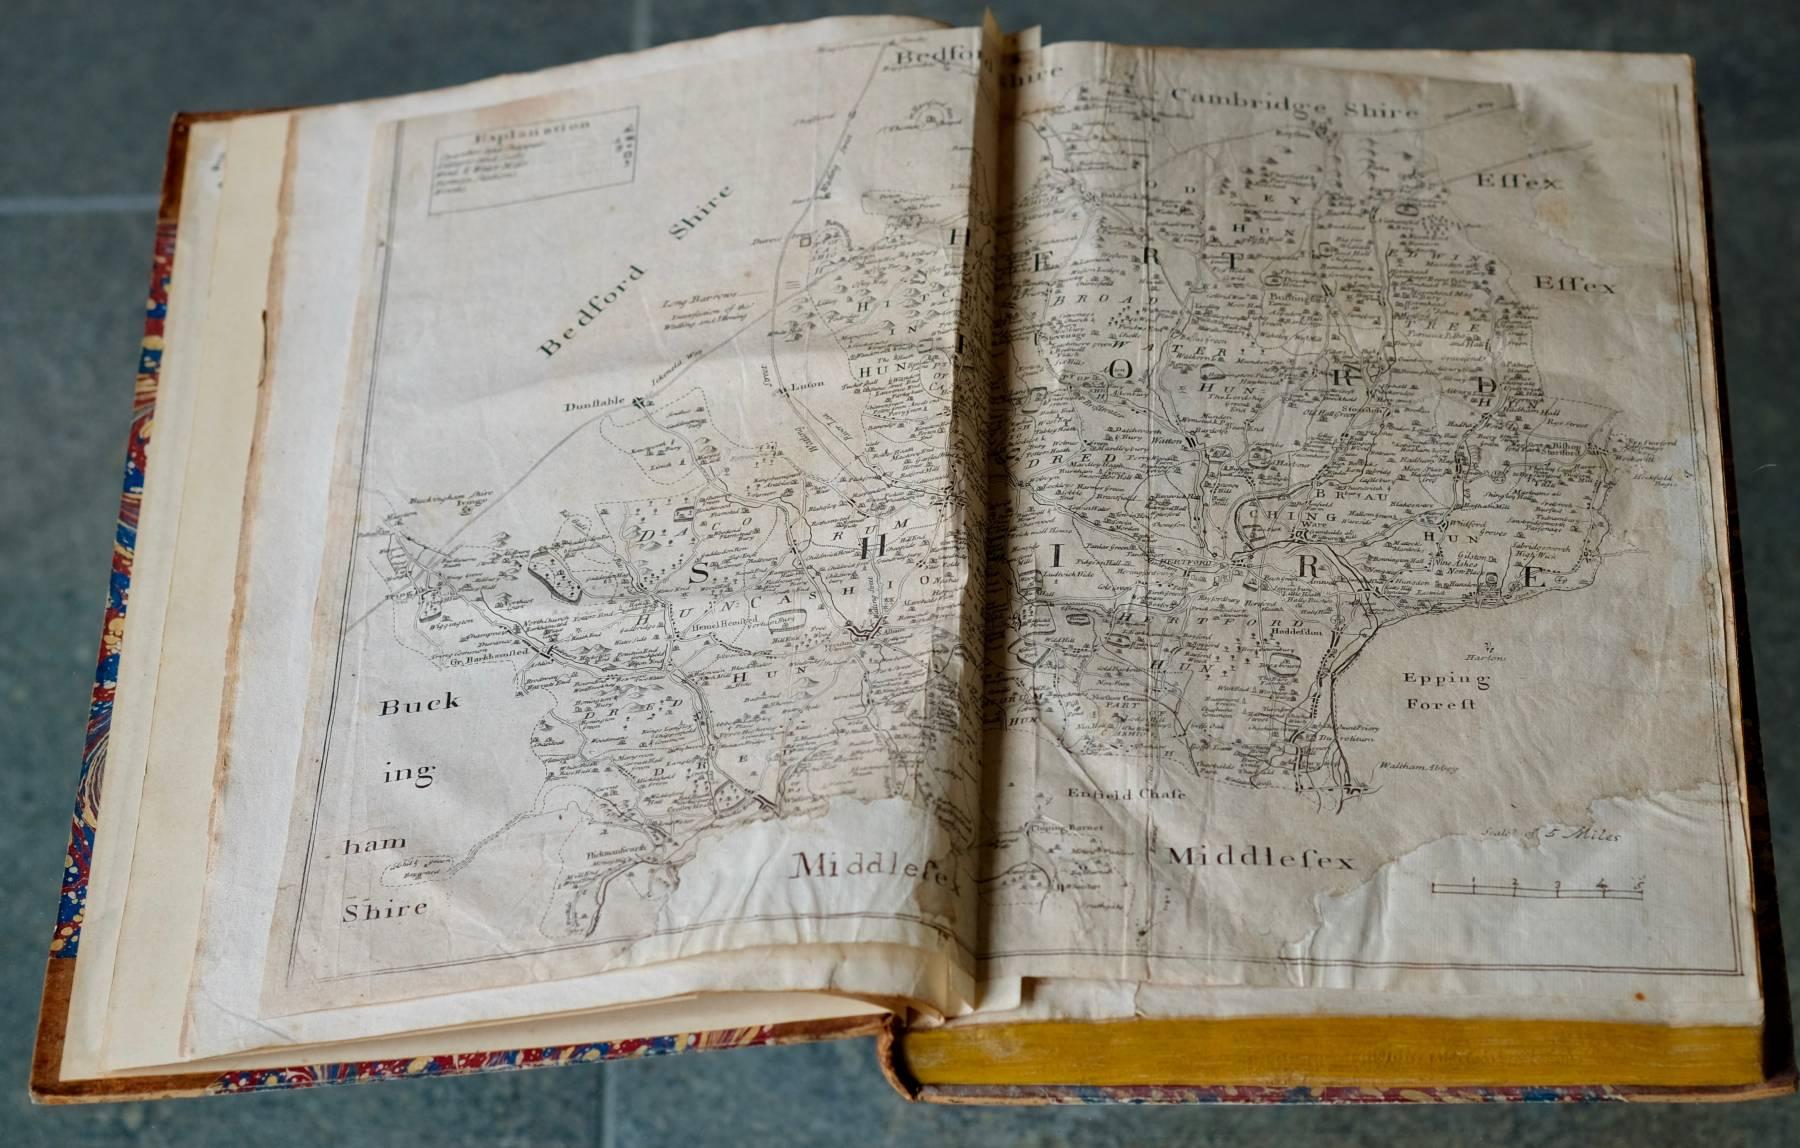 History of Hertfordshire